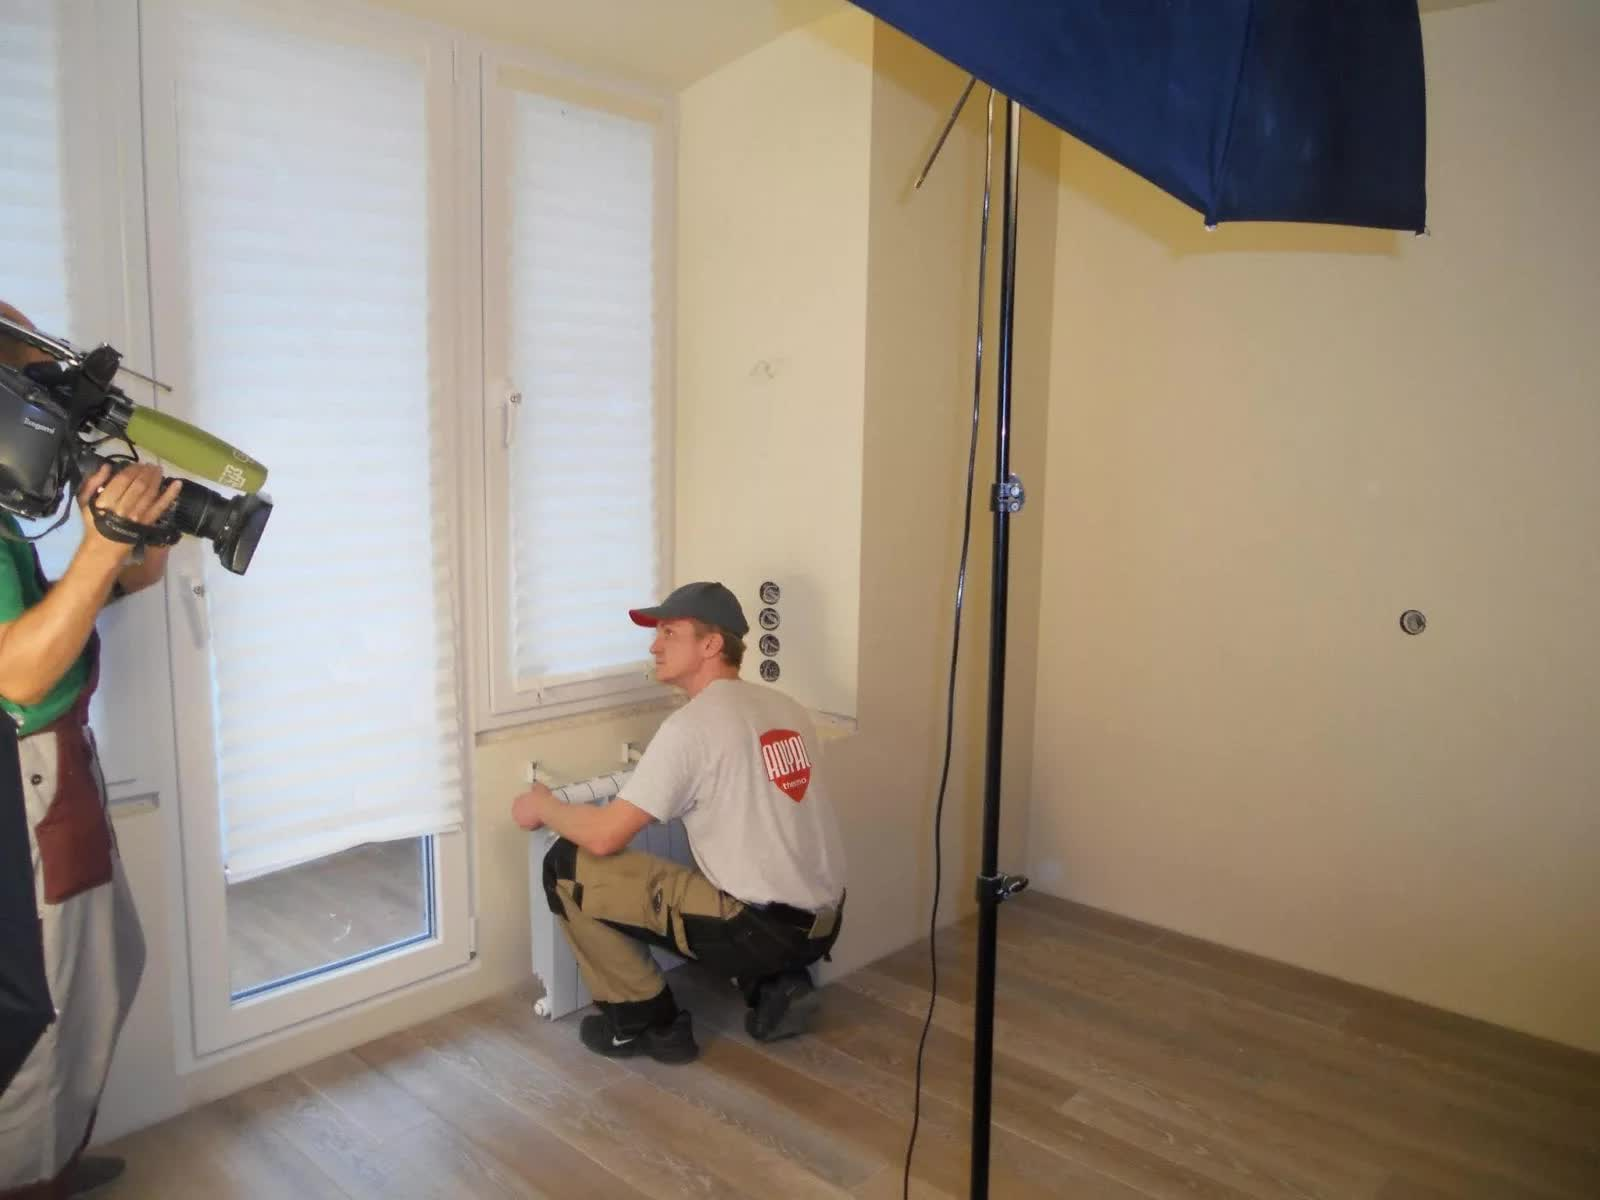 Монтаж радиаторов отопления на съемках программы Квартирный вопрос 2